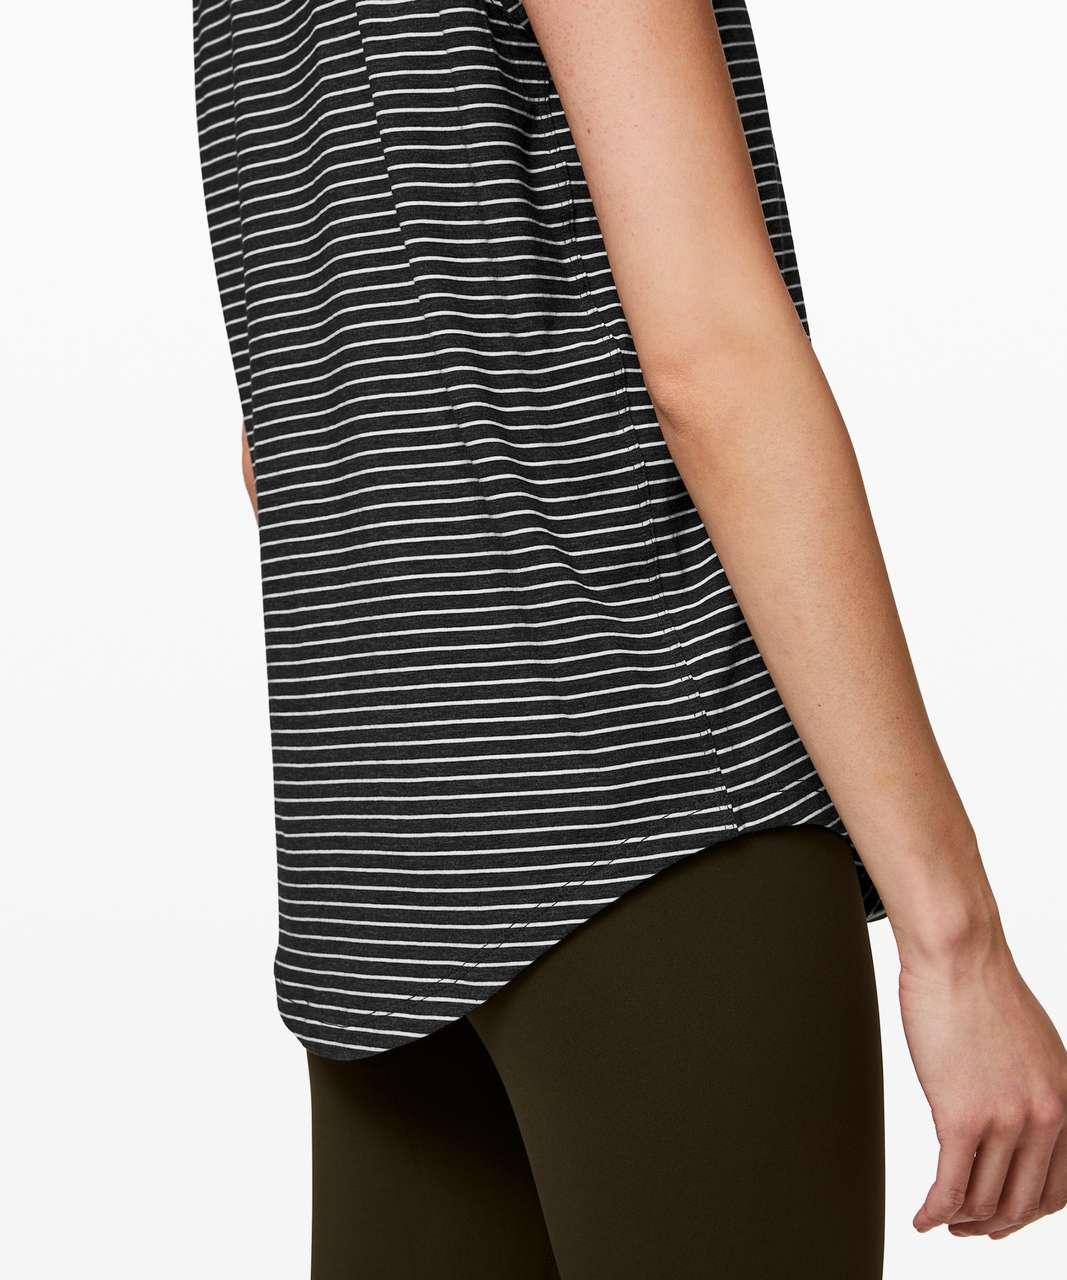 Lululemon Brunswick Muscle Tank - Modern Stripe Heathered Black White